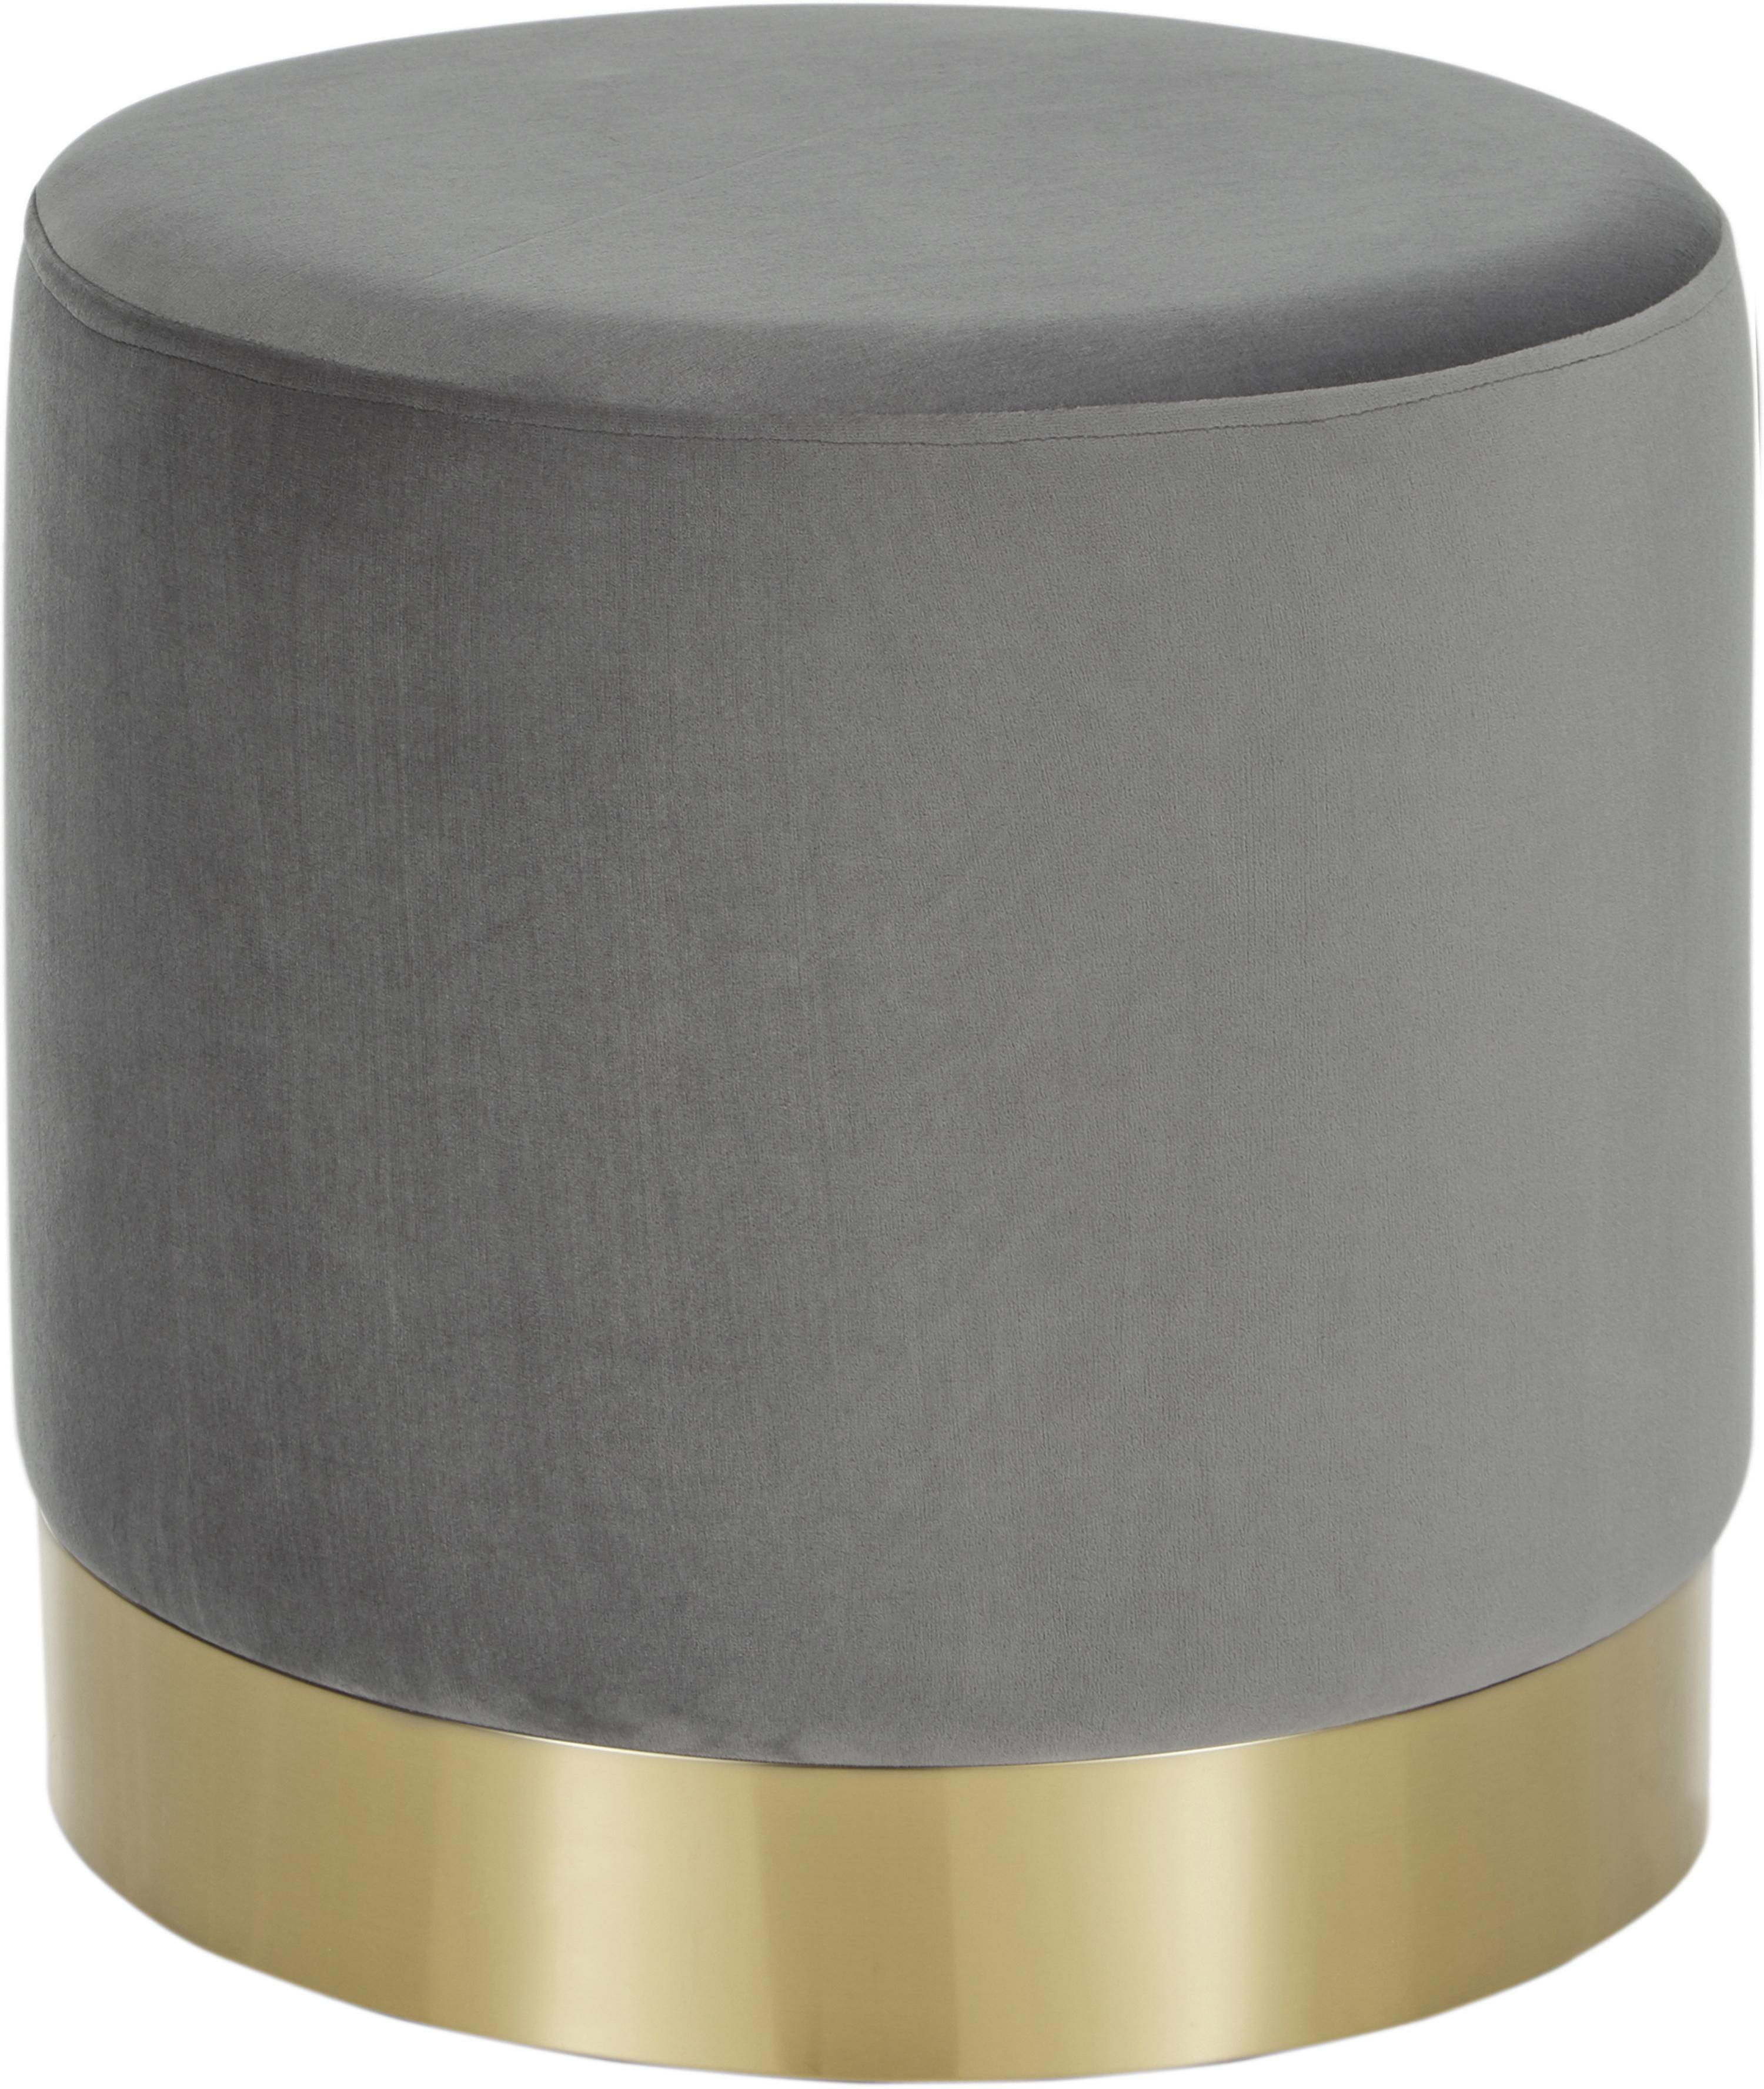 Puf z aksamitu Orchid, Tapicerka: aksamit (poliester) 1500, Tapicerka: szary Podstawa: odcienie złotego, Ø 40 x W 39 cm